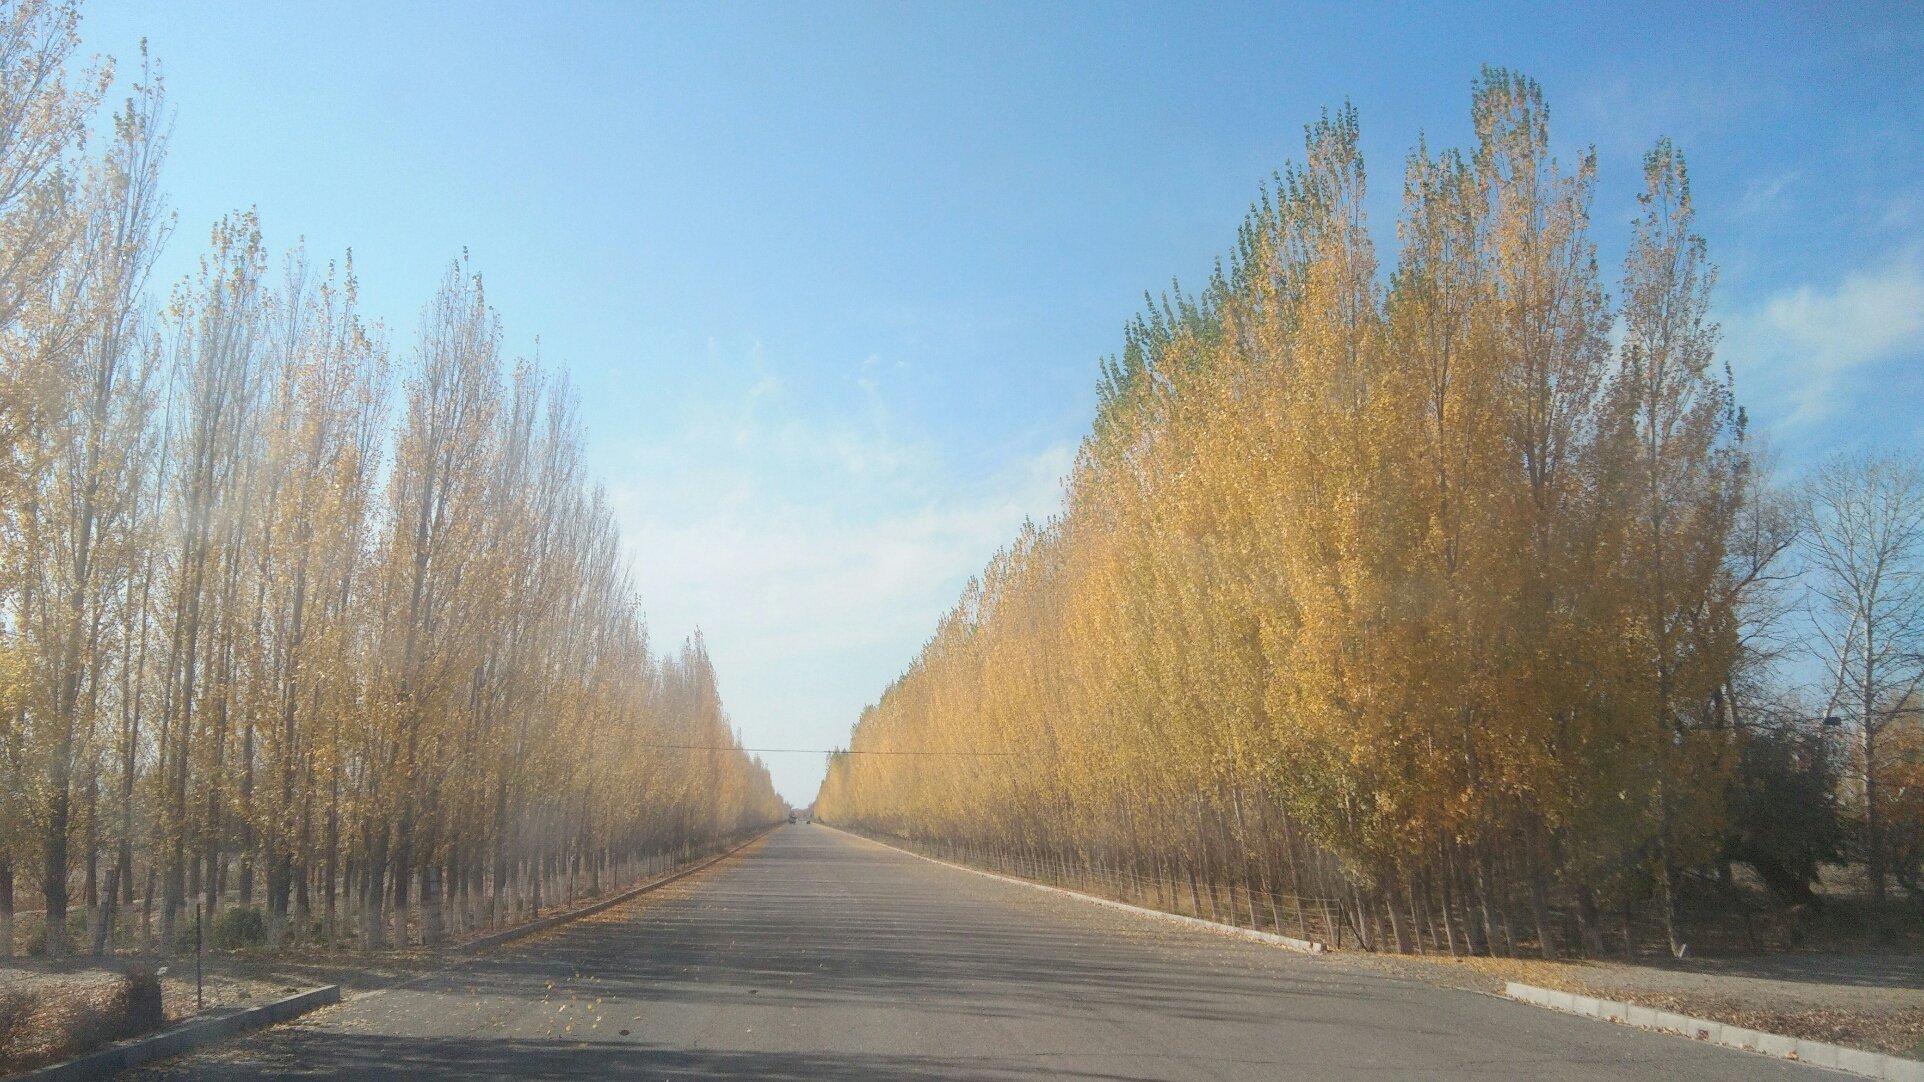 新疆维吾尔自治区阿勒泰地区阿勒泰市农林巷靠近阿勒泰地区行署农业局天气预报